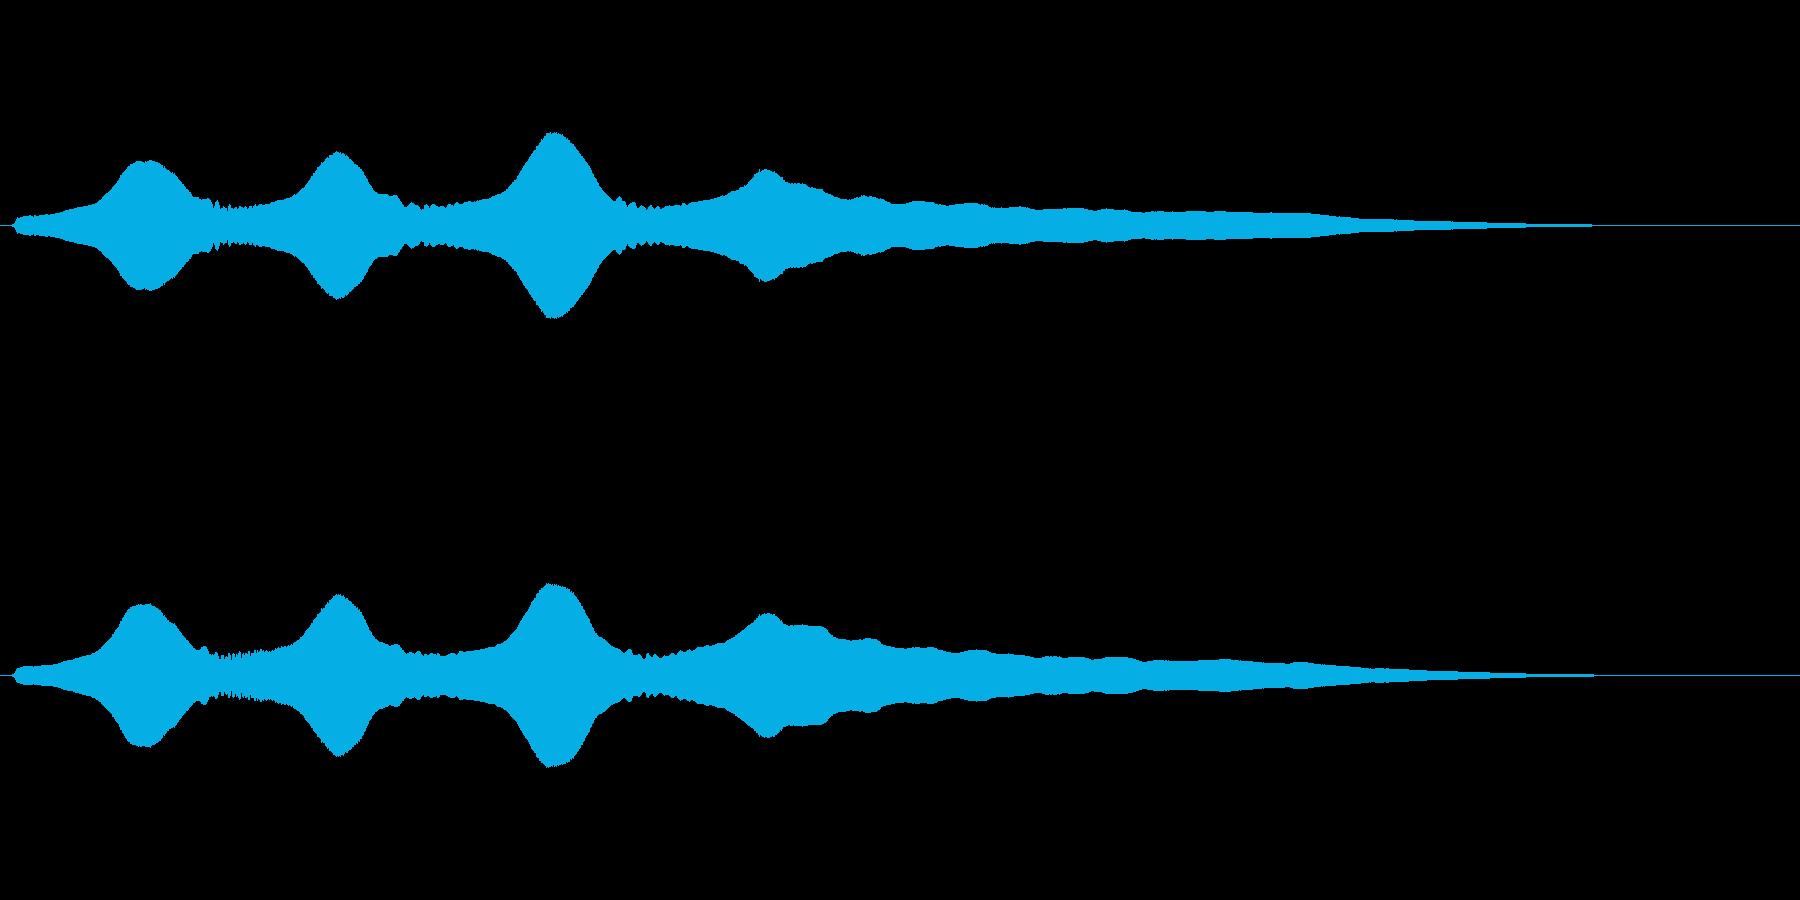 残念な効果音(トロンボーン)の再生済みの波形